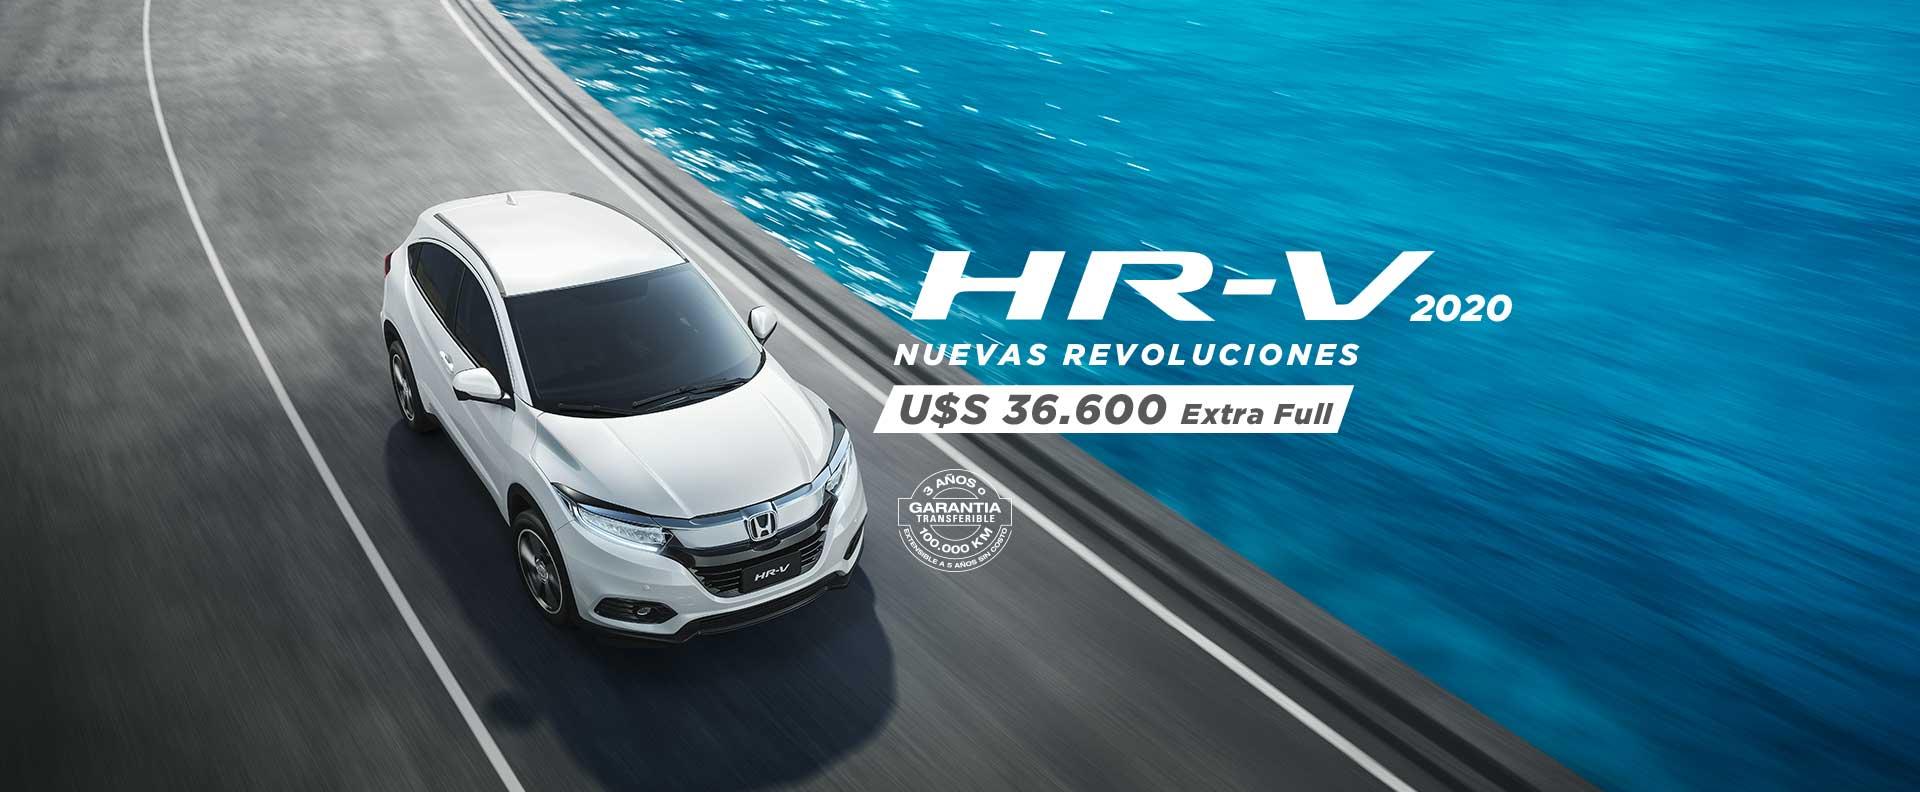 Slider-Home-HRV2020